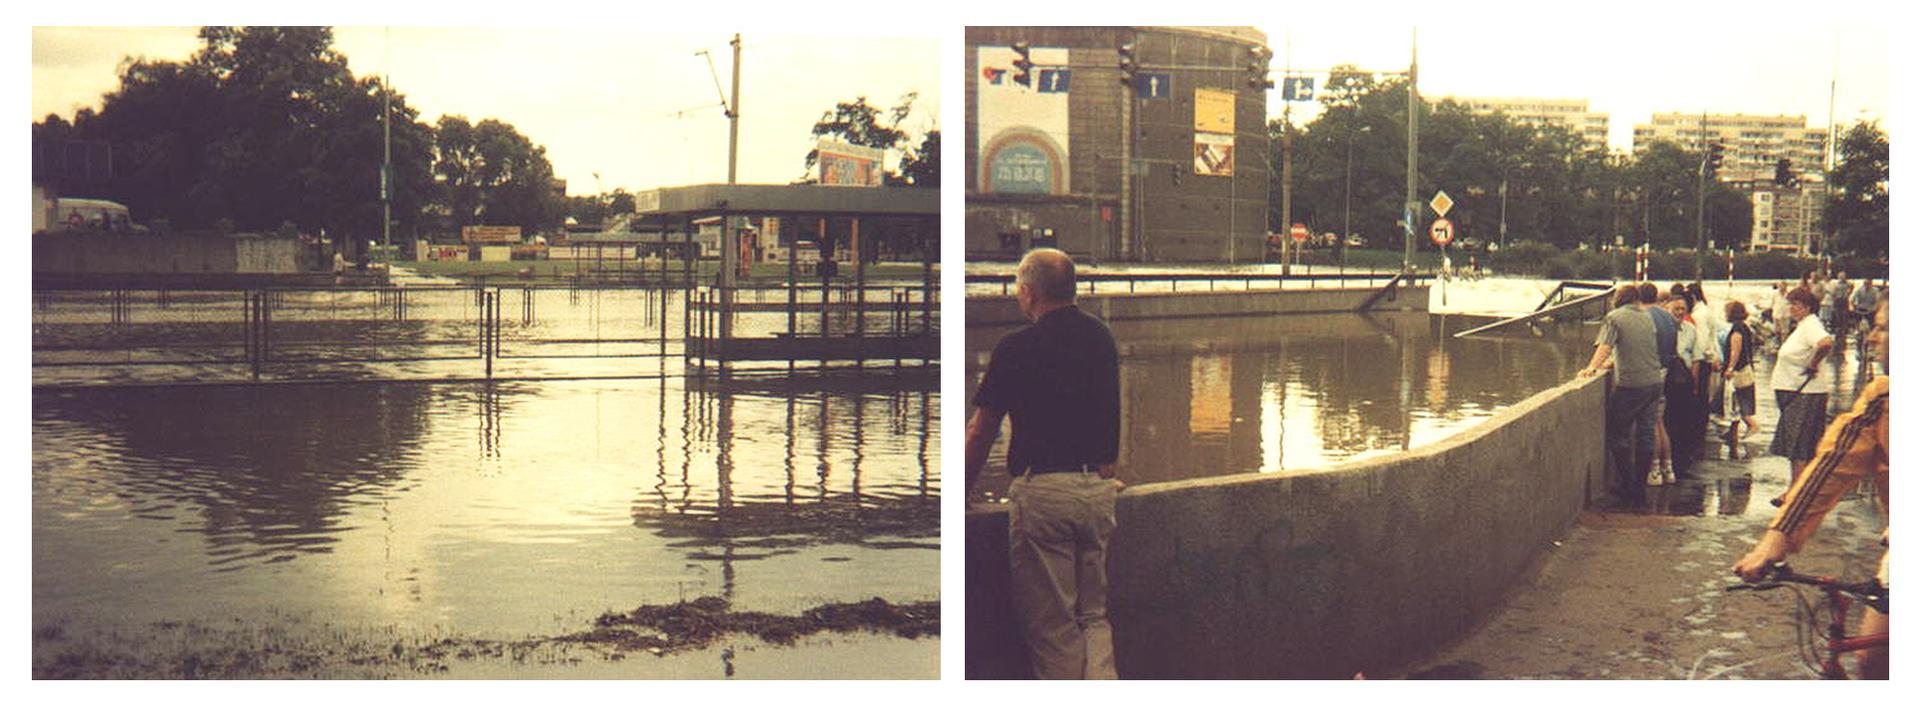 Ilustracja zawiera dwa zdjęcia przedstawiające miasto podczas powodzi na przykładzie Wrocławia latem tysiąc dziewięćset dziewięćdziesiątego siódmego roku. Na lewym zdjęciu pogodny dzień, zalane ulice, tory tramwajowe, przystanek tramwajowy ichodniki prezentowane zperspektywy chodnika lub nieco dalszej. Wtle niskie pawilony izielone drzewa. Na zdjęciu po prawej widoczni są przechodnie imieszkańcy przyglądający się zalanej ulicy. Na środku kadru zalane schody do przejścia podziemnego isamo przejście, obecnie wpostaci wielkiej zalanej dziury. Wtle bloki mieszkalne oraz okrągły duży budynek po lewej stronie. Nad zalanymi ulicami widoczne oświetlenie sygnalizacyjne nad skrzyżowaniem, obecnie wyłączone.